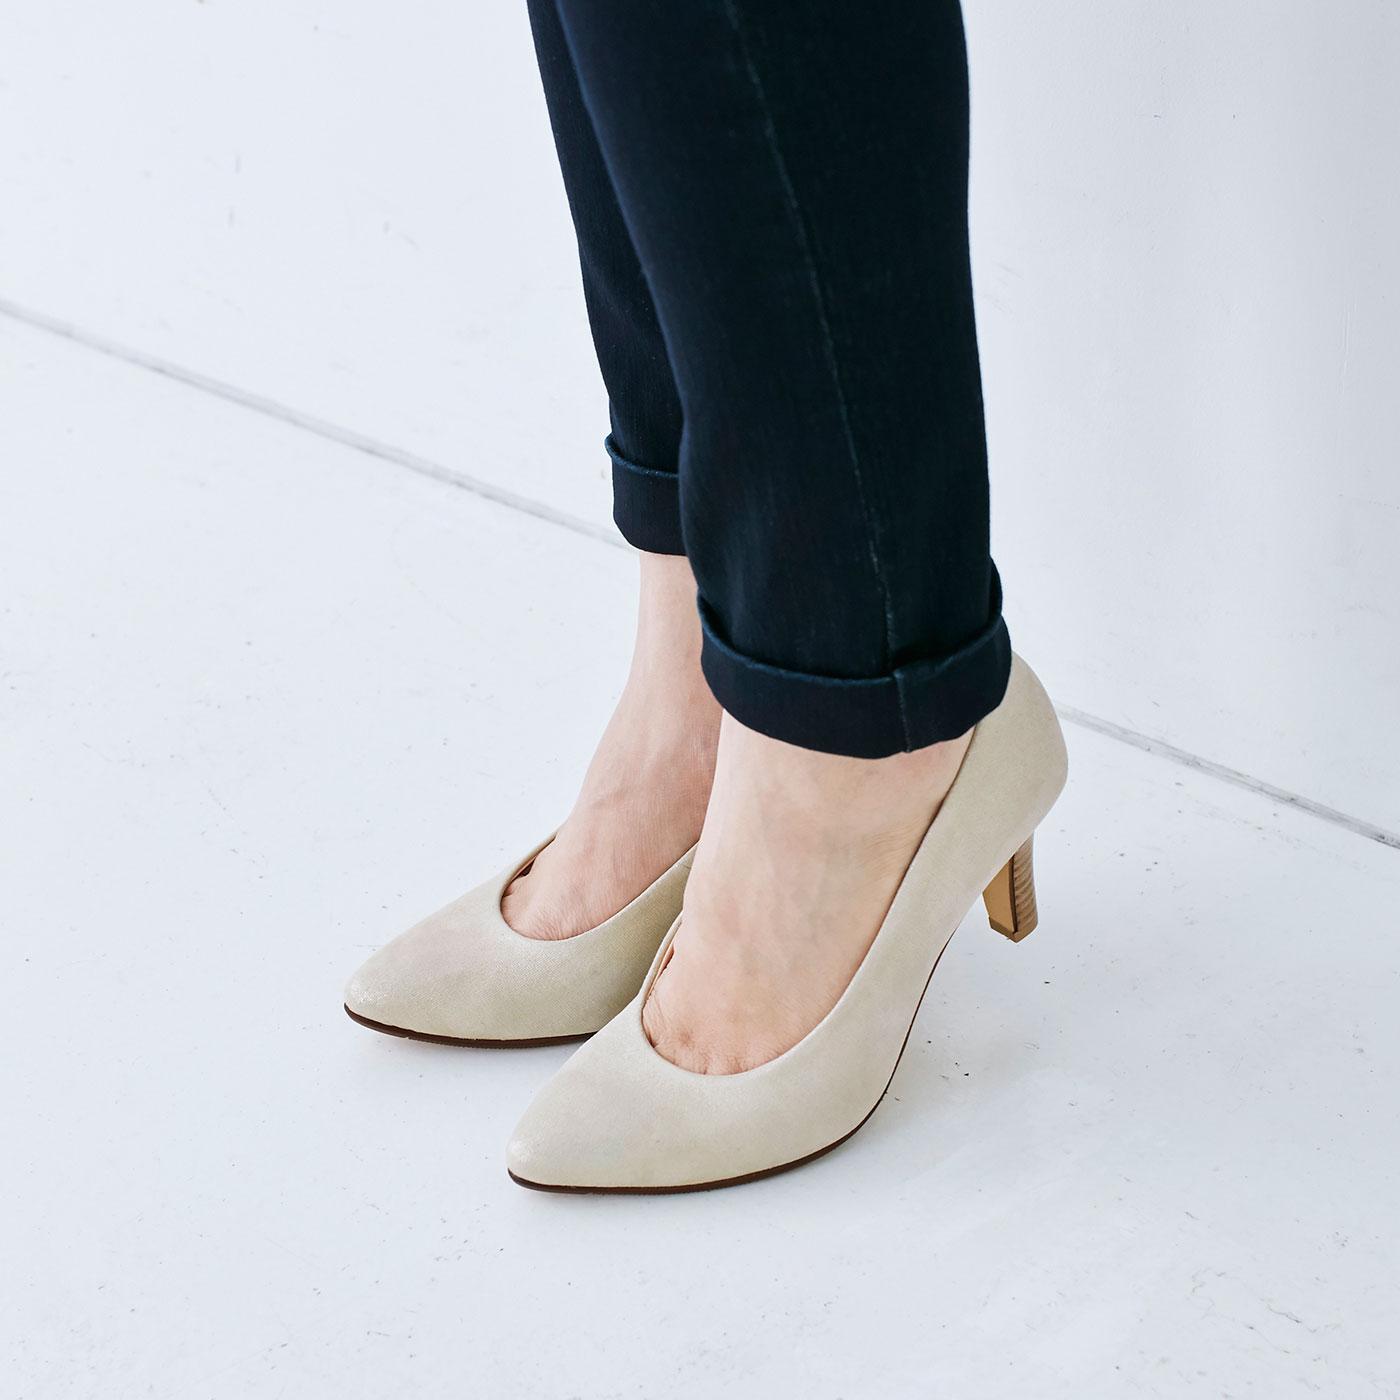 足なじみがよく、やわらかな羊革。シープスキンのスムースは、履き心地だけでなく見た目にも上質さを感じさせます。ワンランク上のブラックパンプスです。